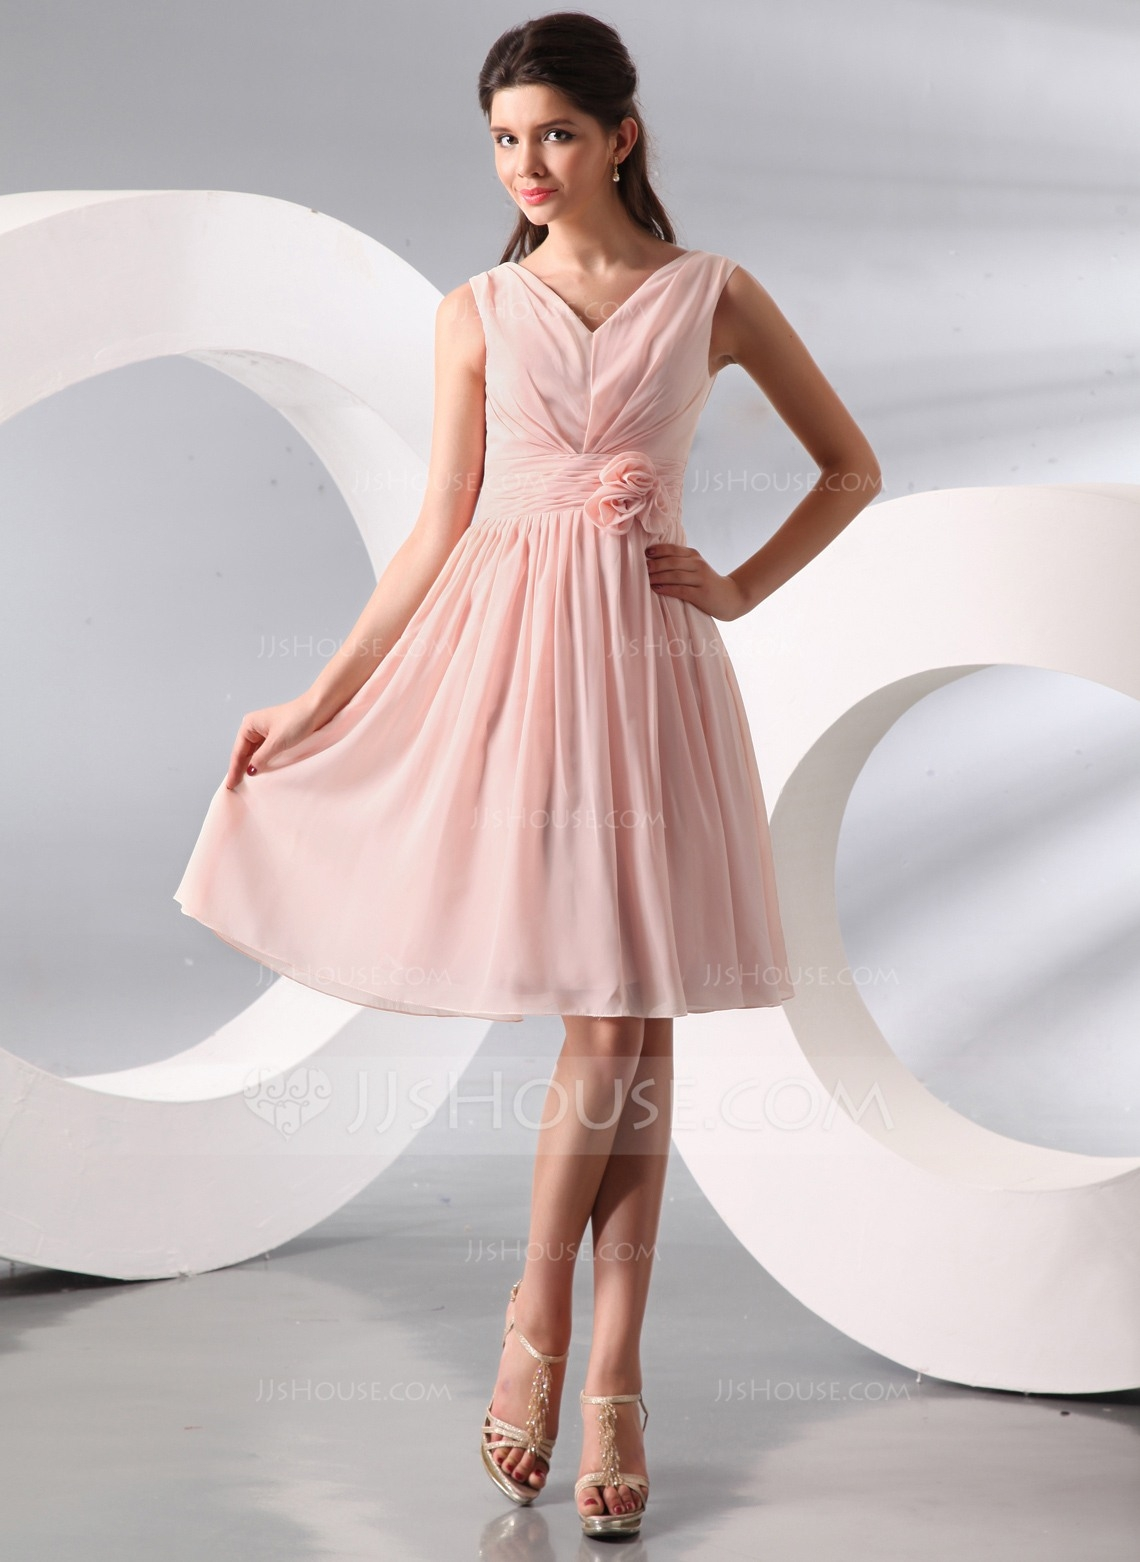 17 Luxurius Kleider A Linie Große Größen Design10 Schön Kleider A Linie Große Größen Vertrieb